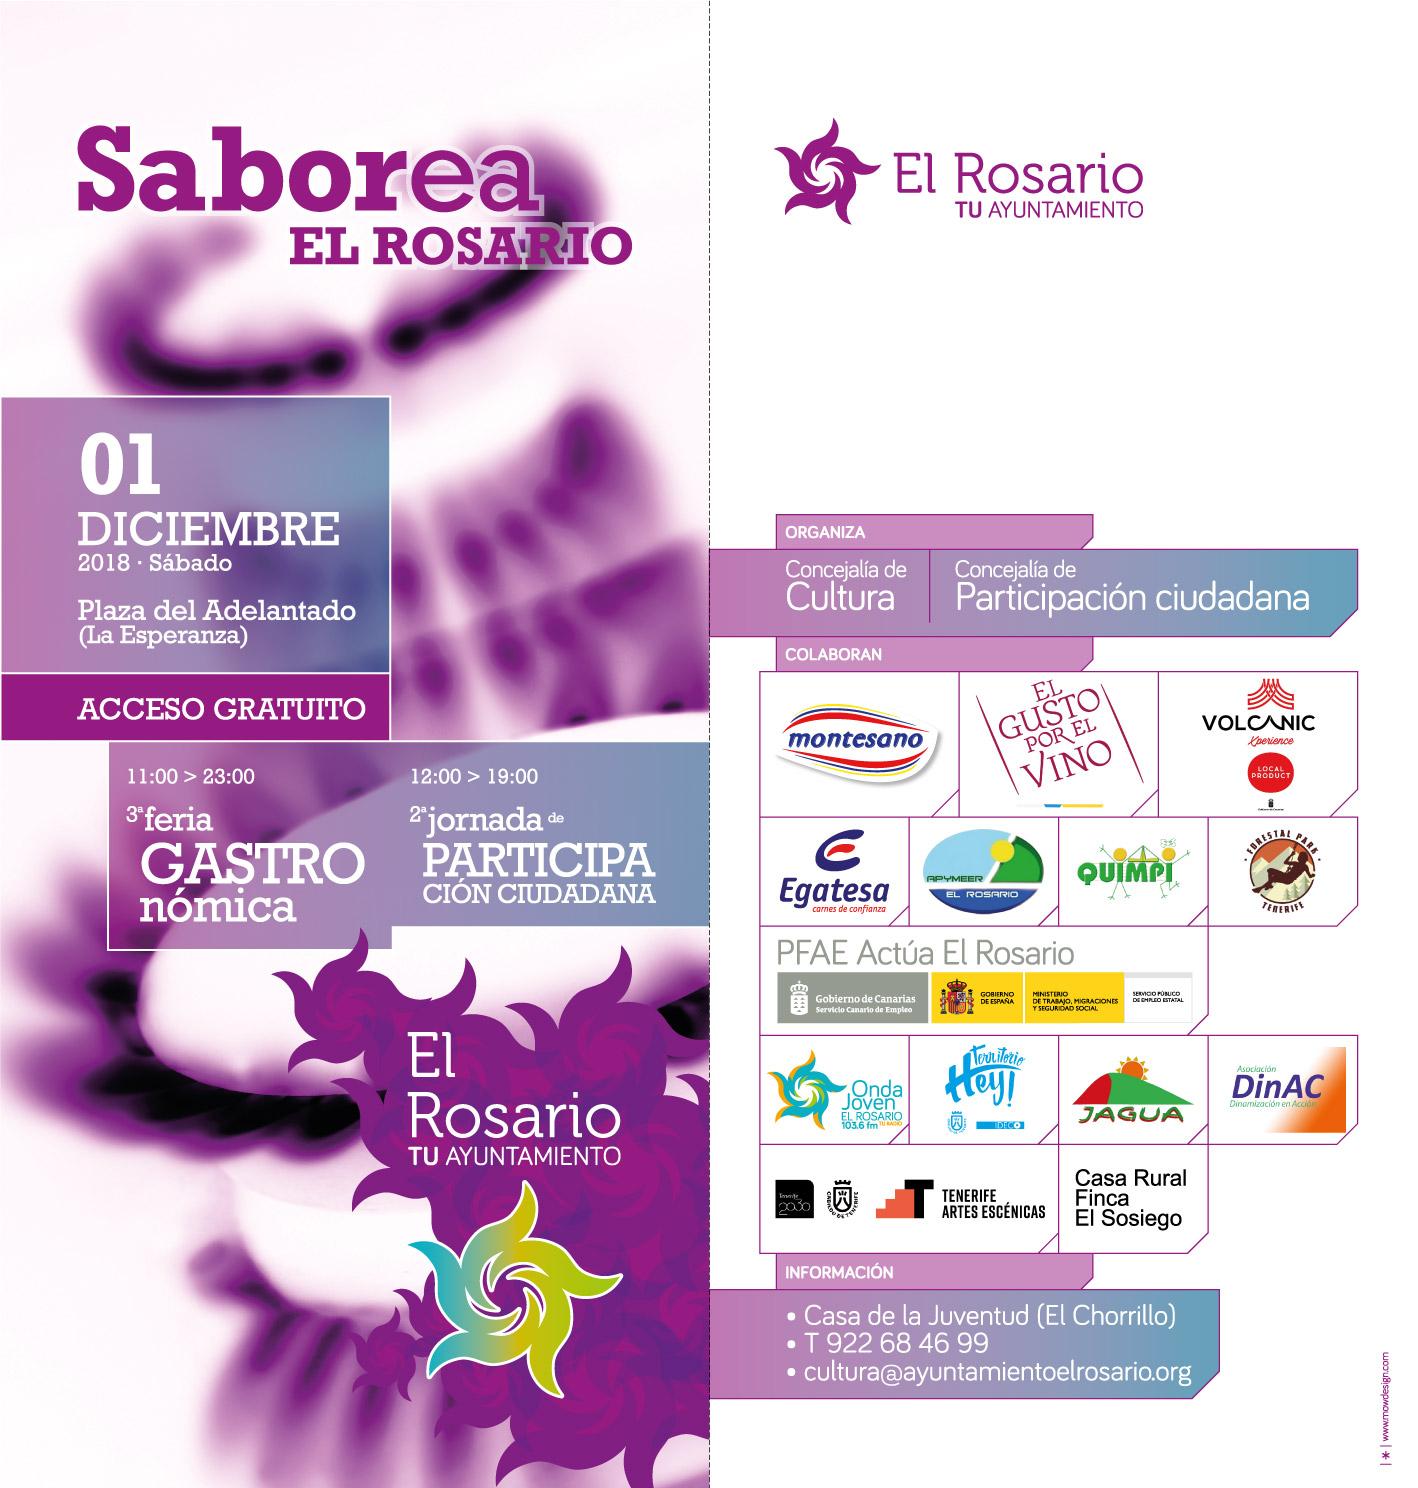 SABOREA_EL_ROSARIO-20181201-DIP_EXT-redes-200x210-20181127-01af